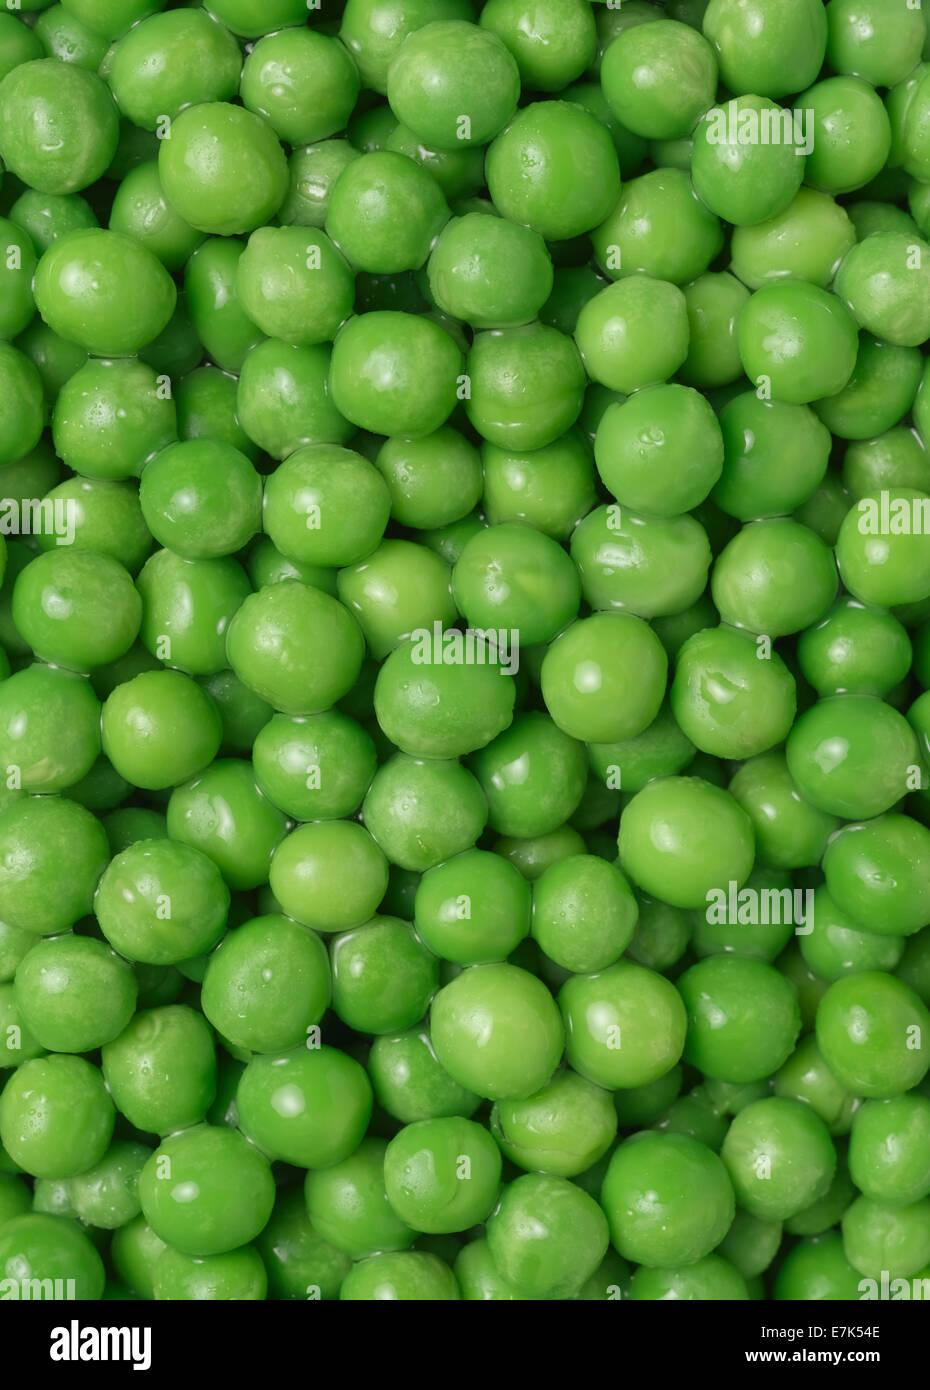 Garden Peas full frame - Stock Image